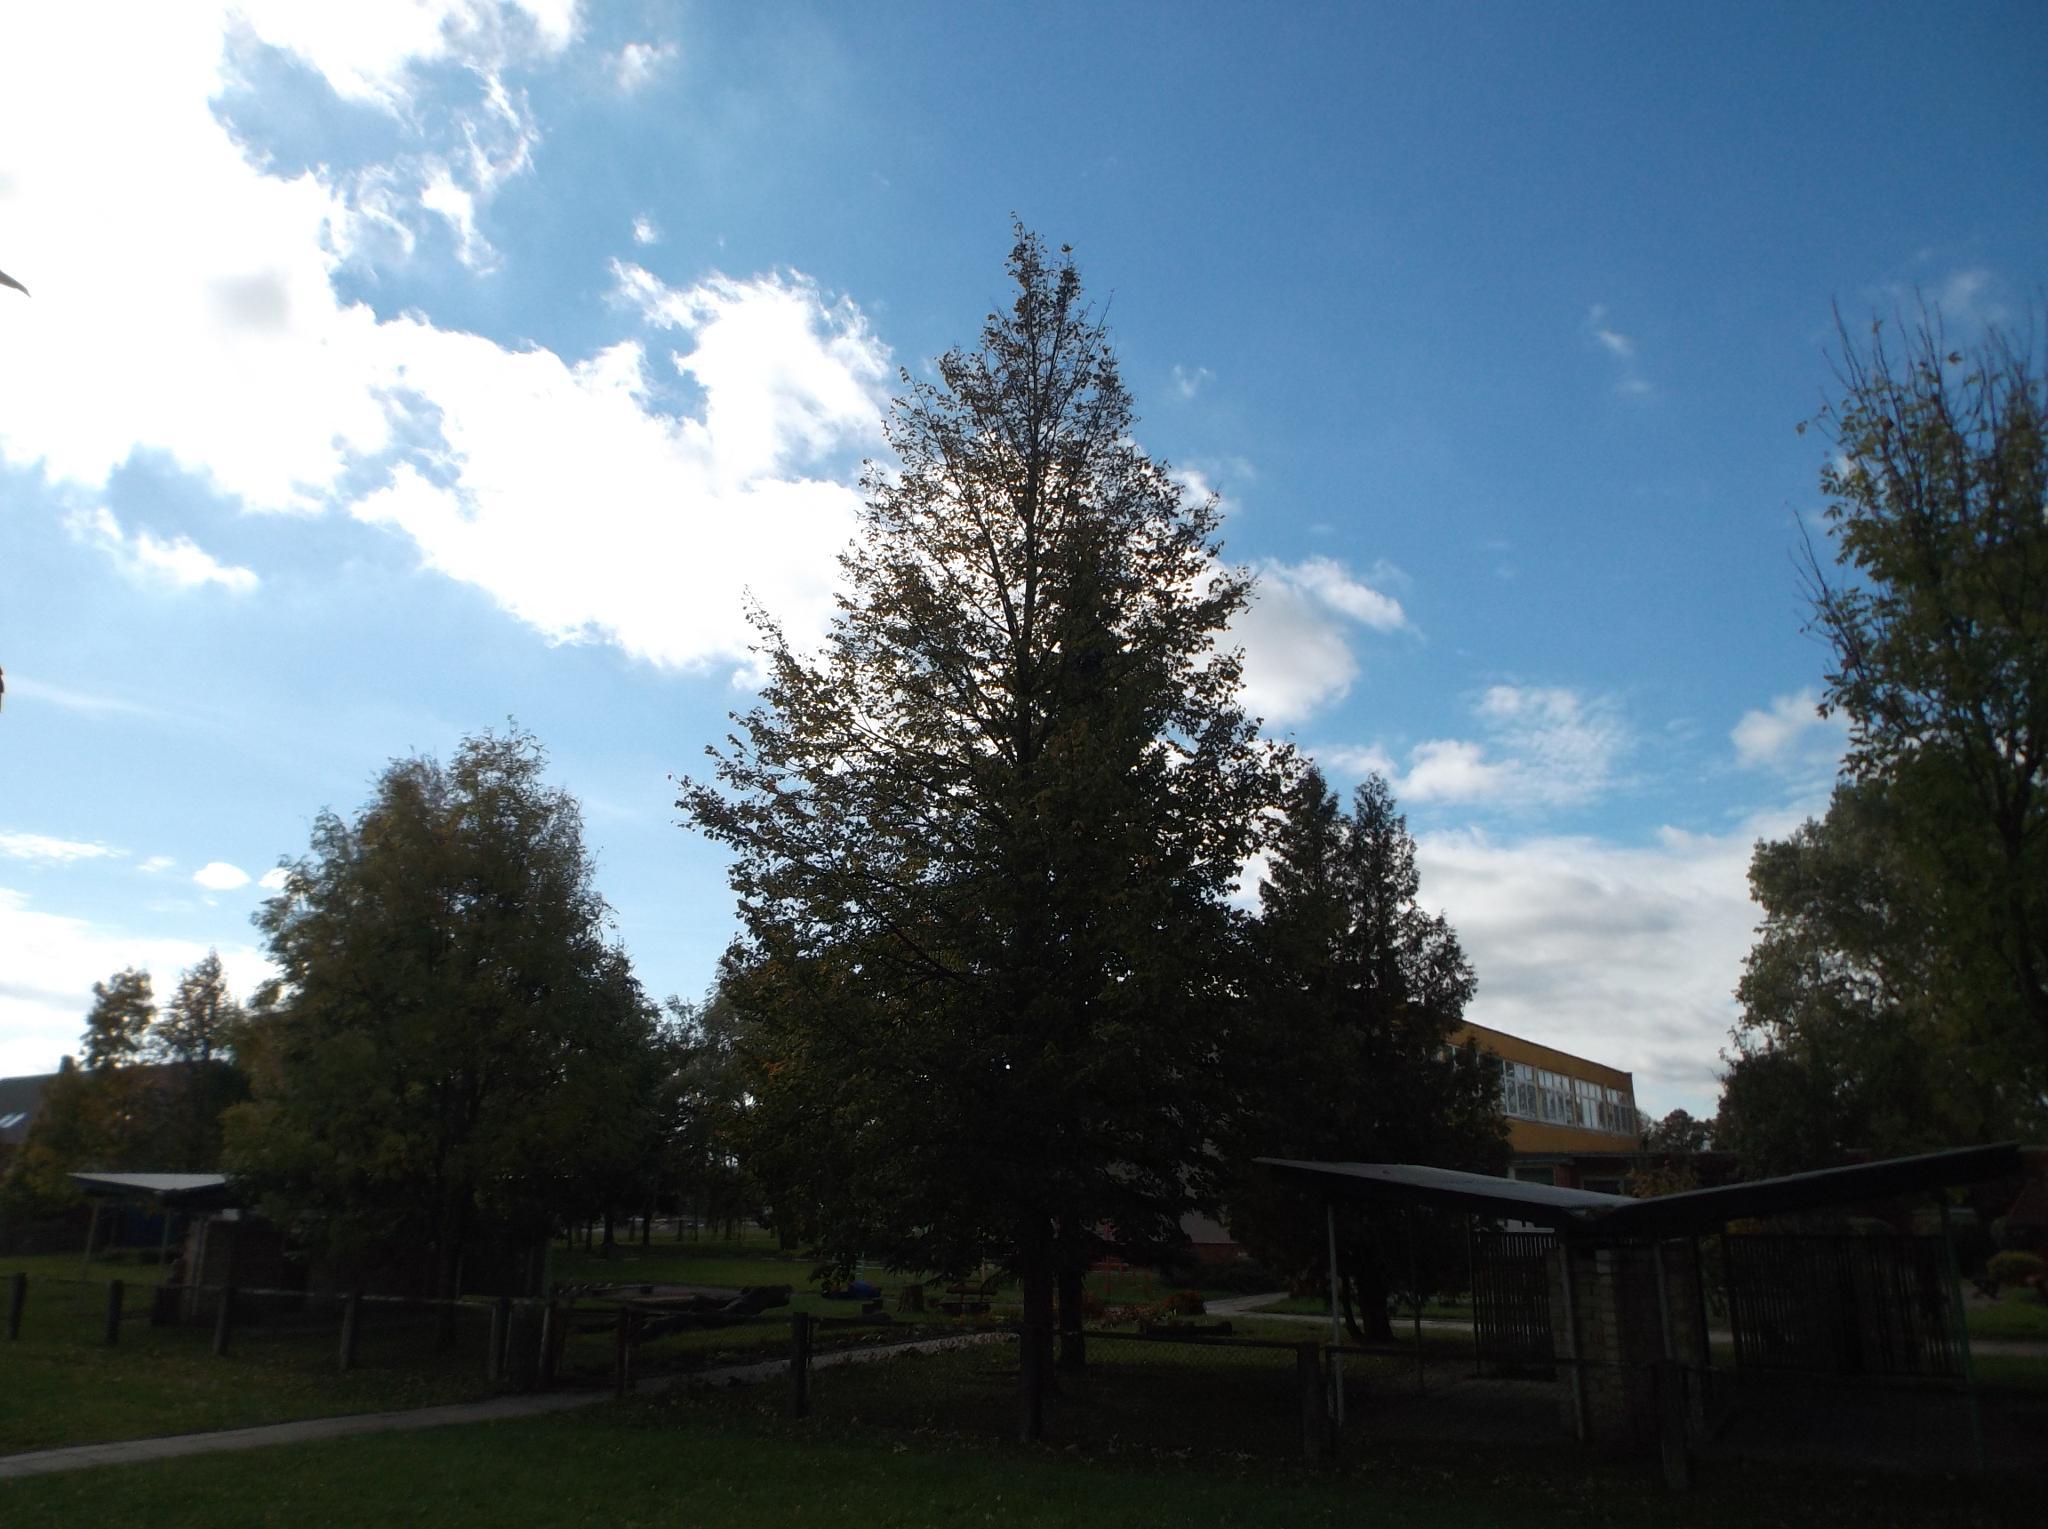 Sky and Trees by Zita Užkuraitienė